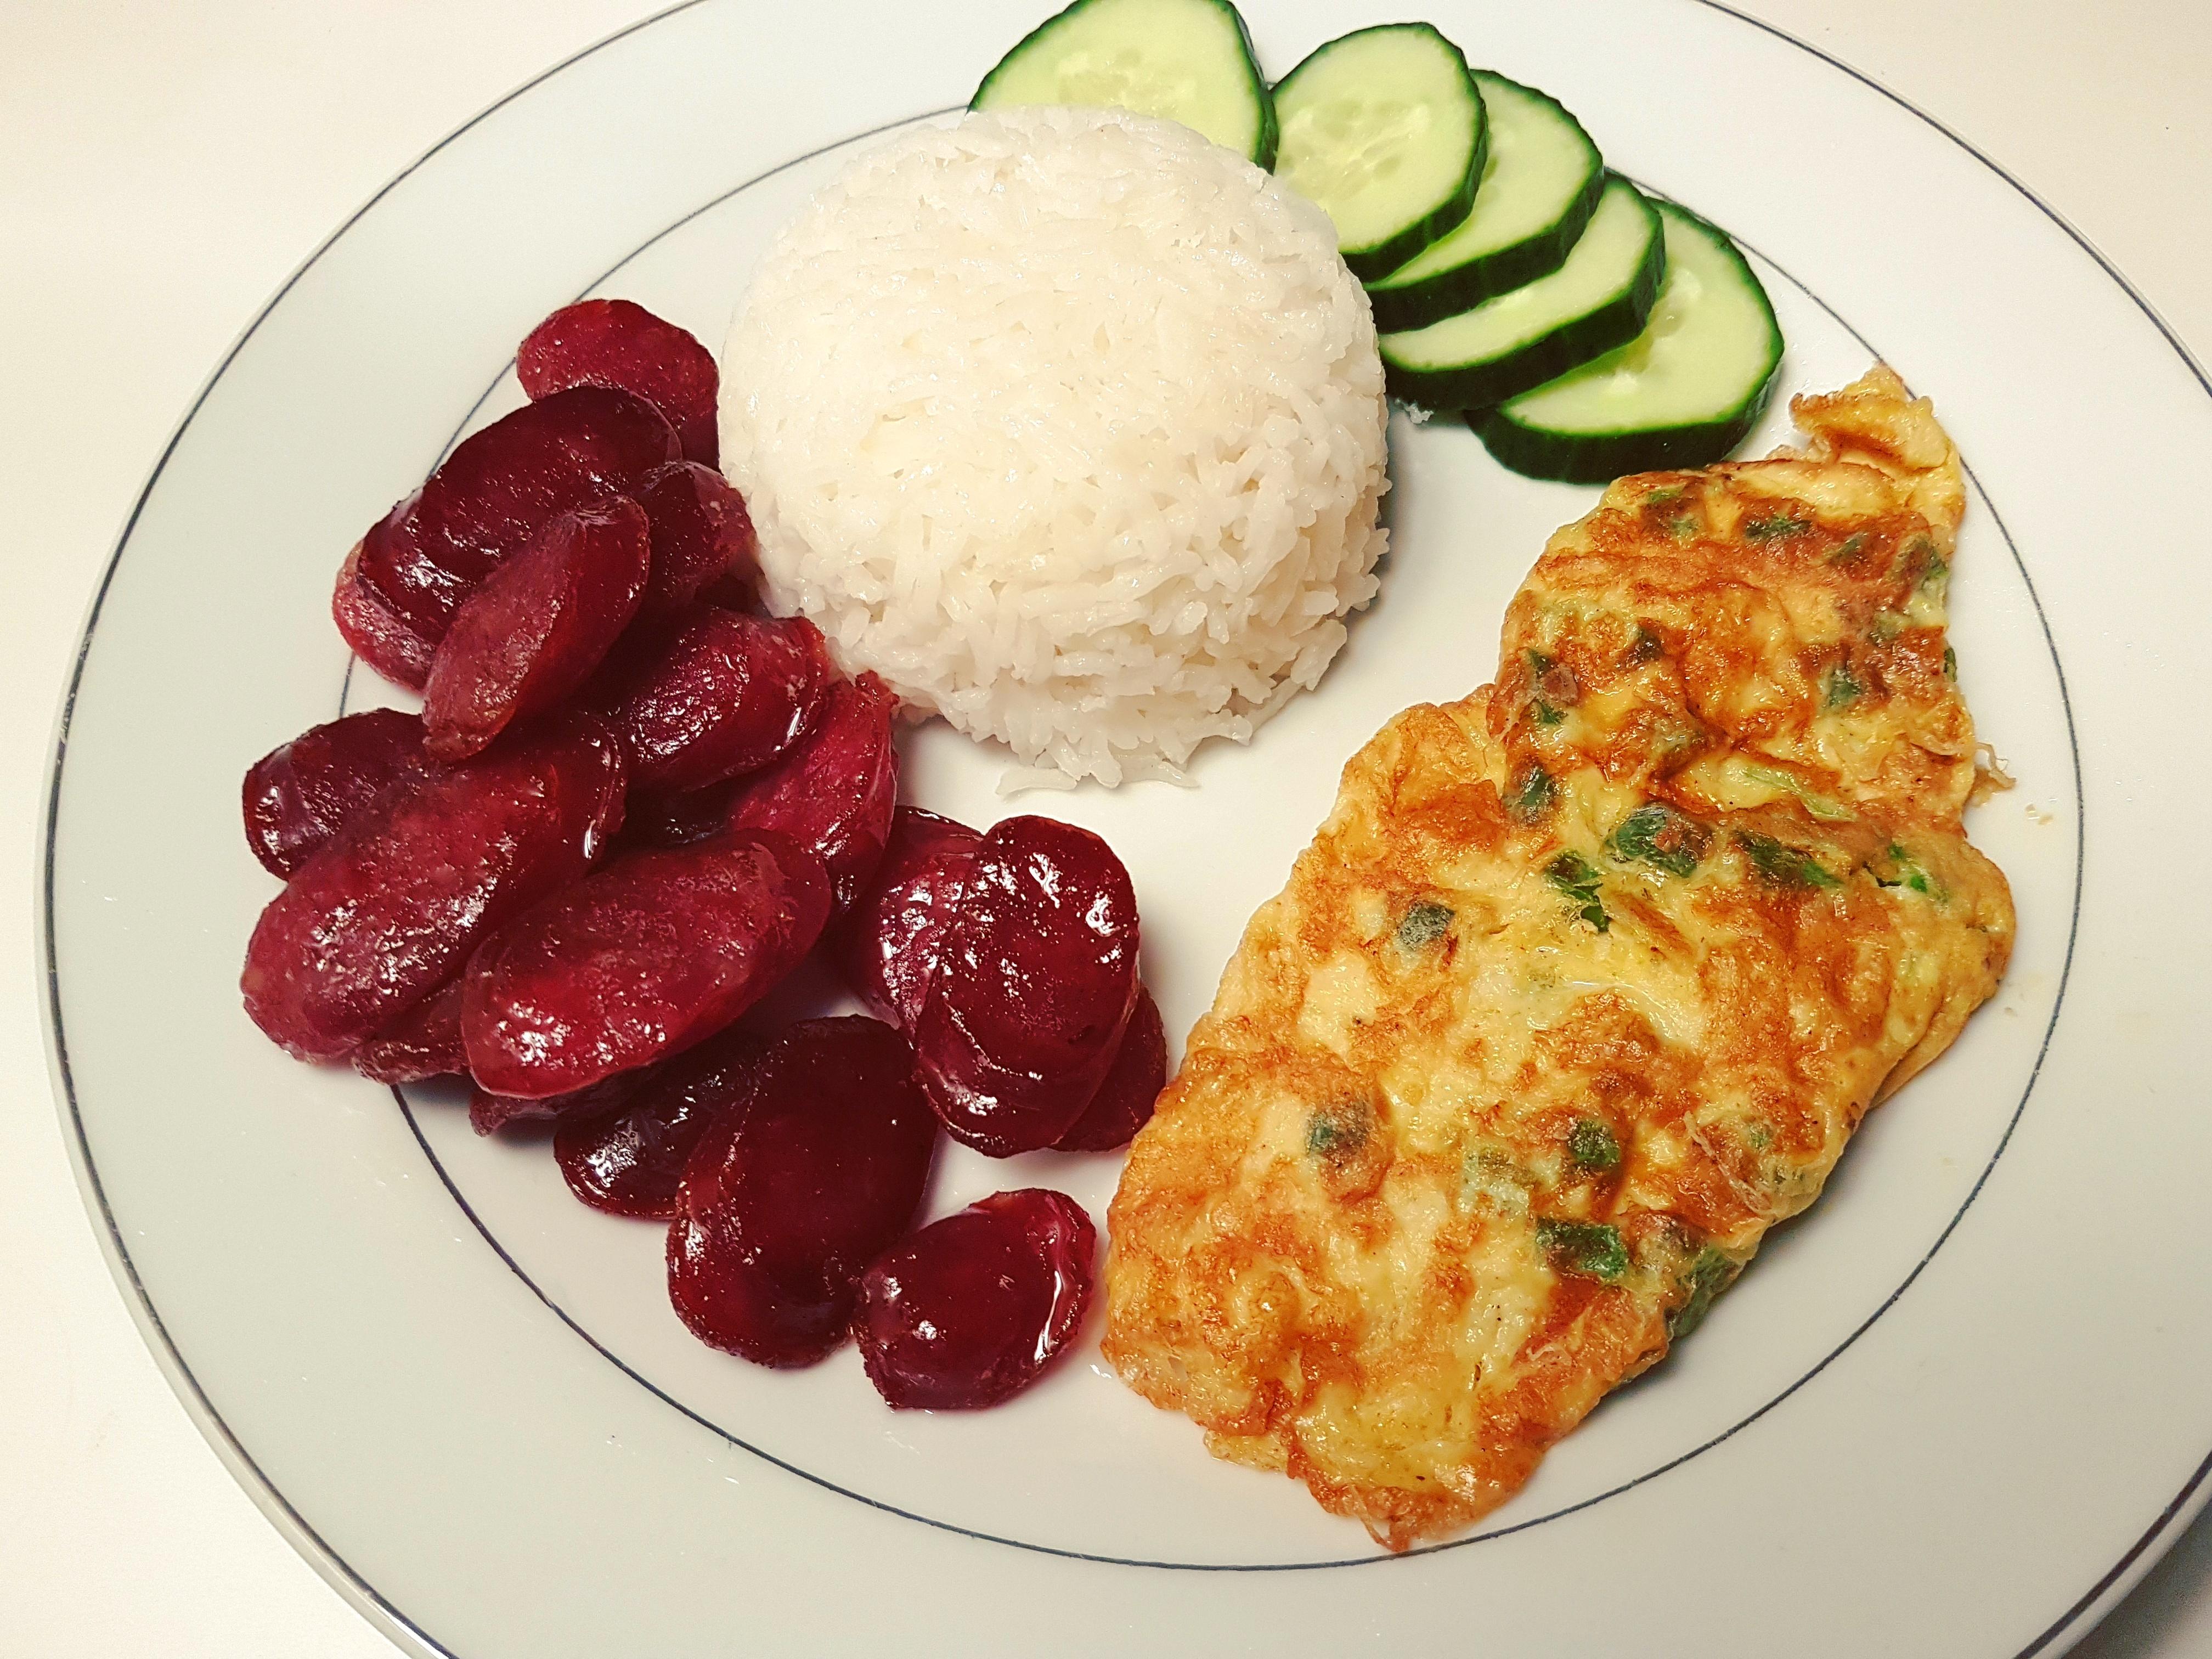 Simplement Bon : assiette khmère – saucisses chinoises aux cinq épices 柬埔寨菜 - 五香香腸